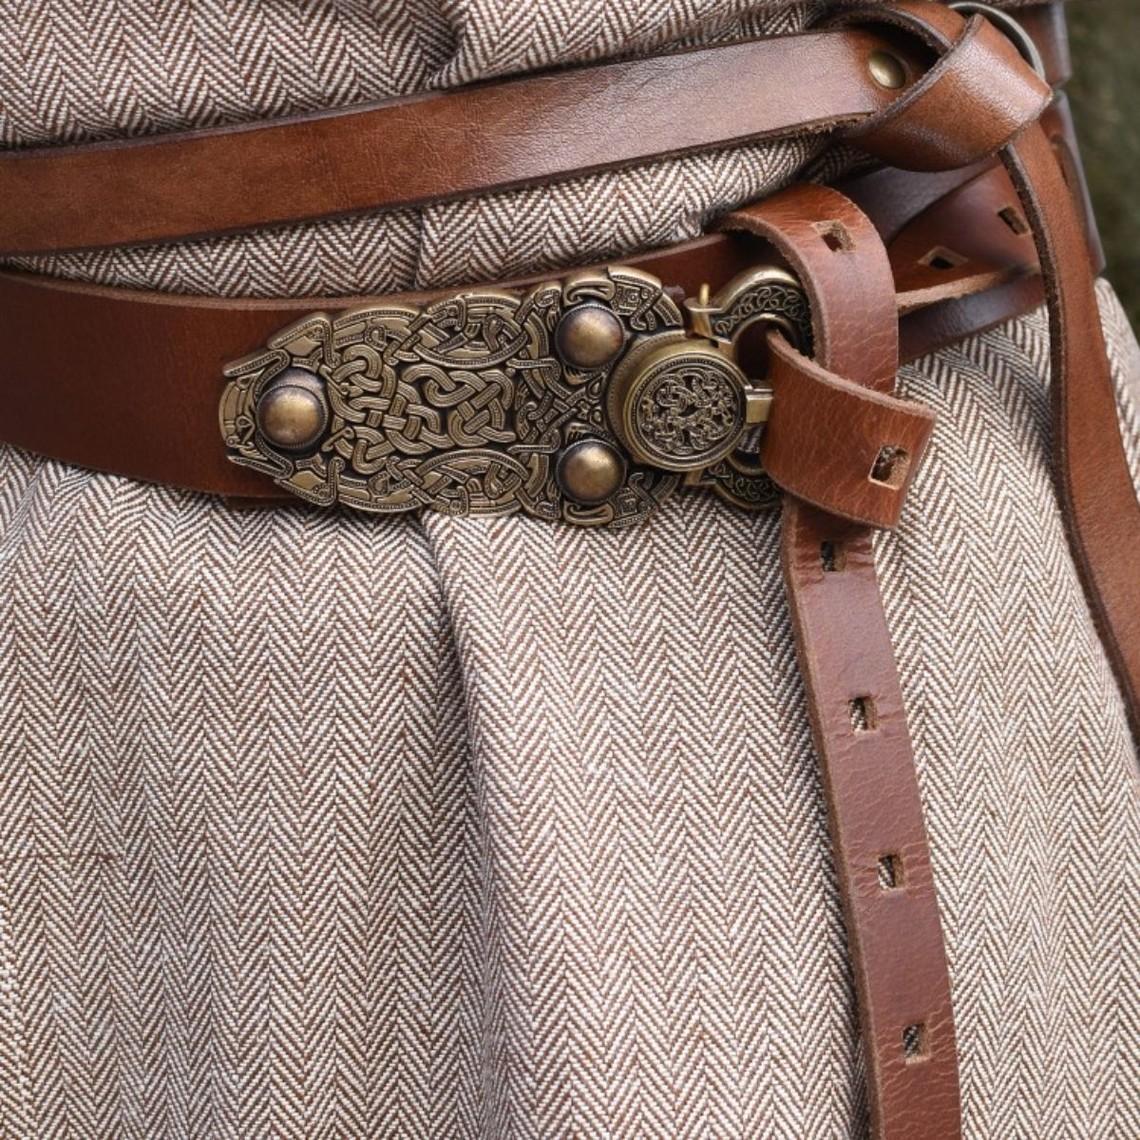 Thorsberg tunika jodełka motyw, brązowy